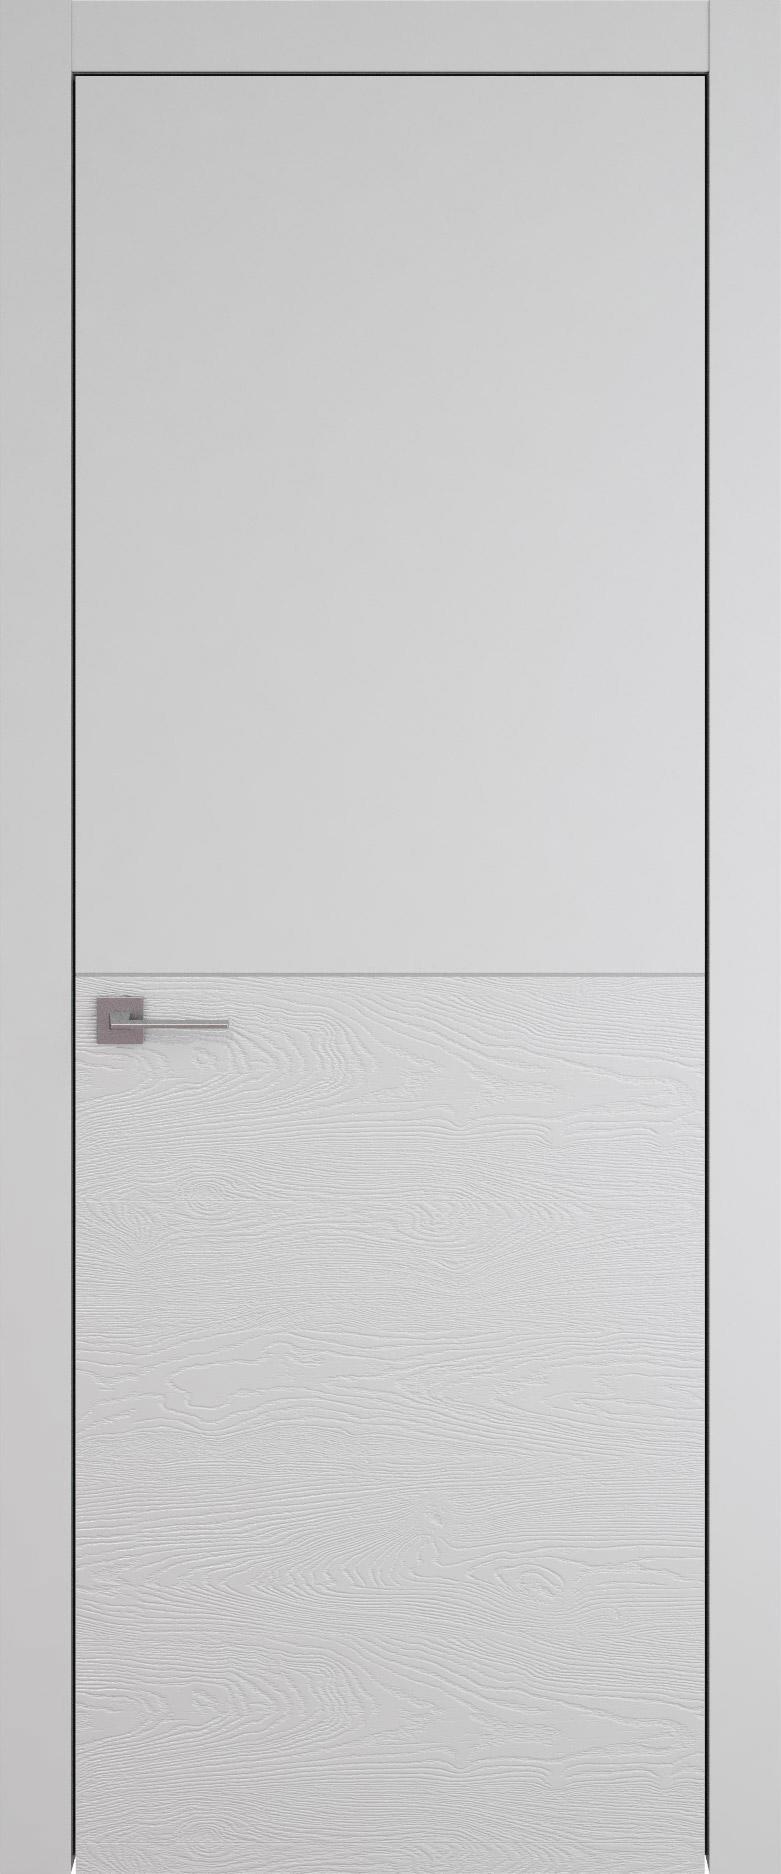 Tivoli Б-2 цвет - Серая эмаль-эмаль по шпону (RAL 7047) Без стекла (ДГ)